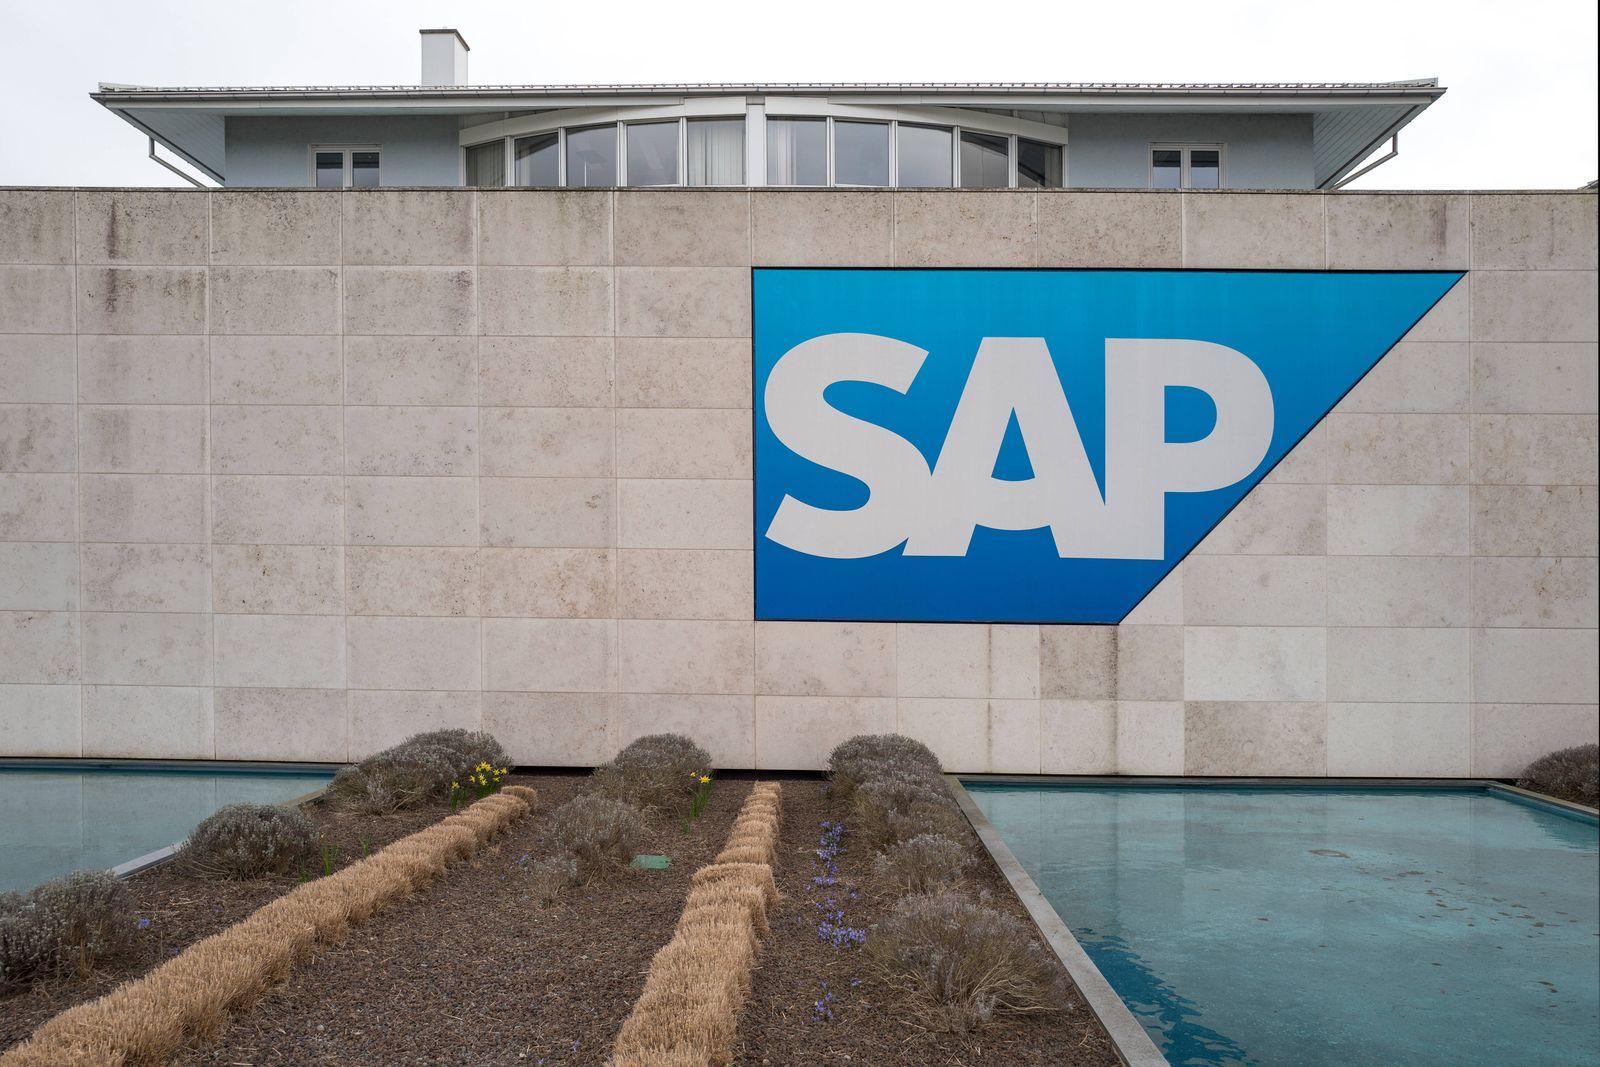 SAP Deutschland SE Hauptquartier in Walldorf 14.03.2020, Walldorf GER - SAP Deutschland SE Hauptquartier in Walldorf, W